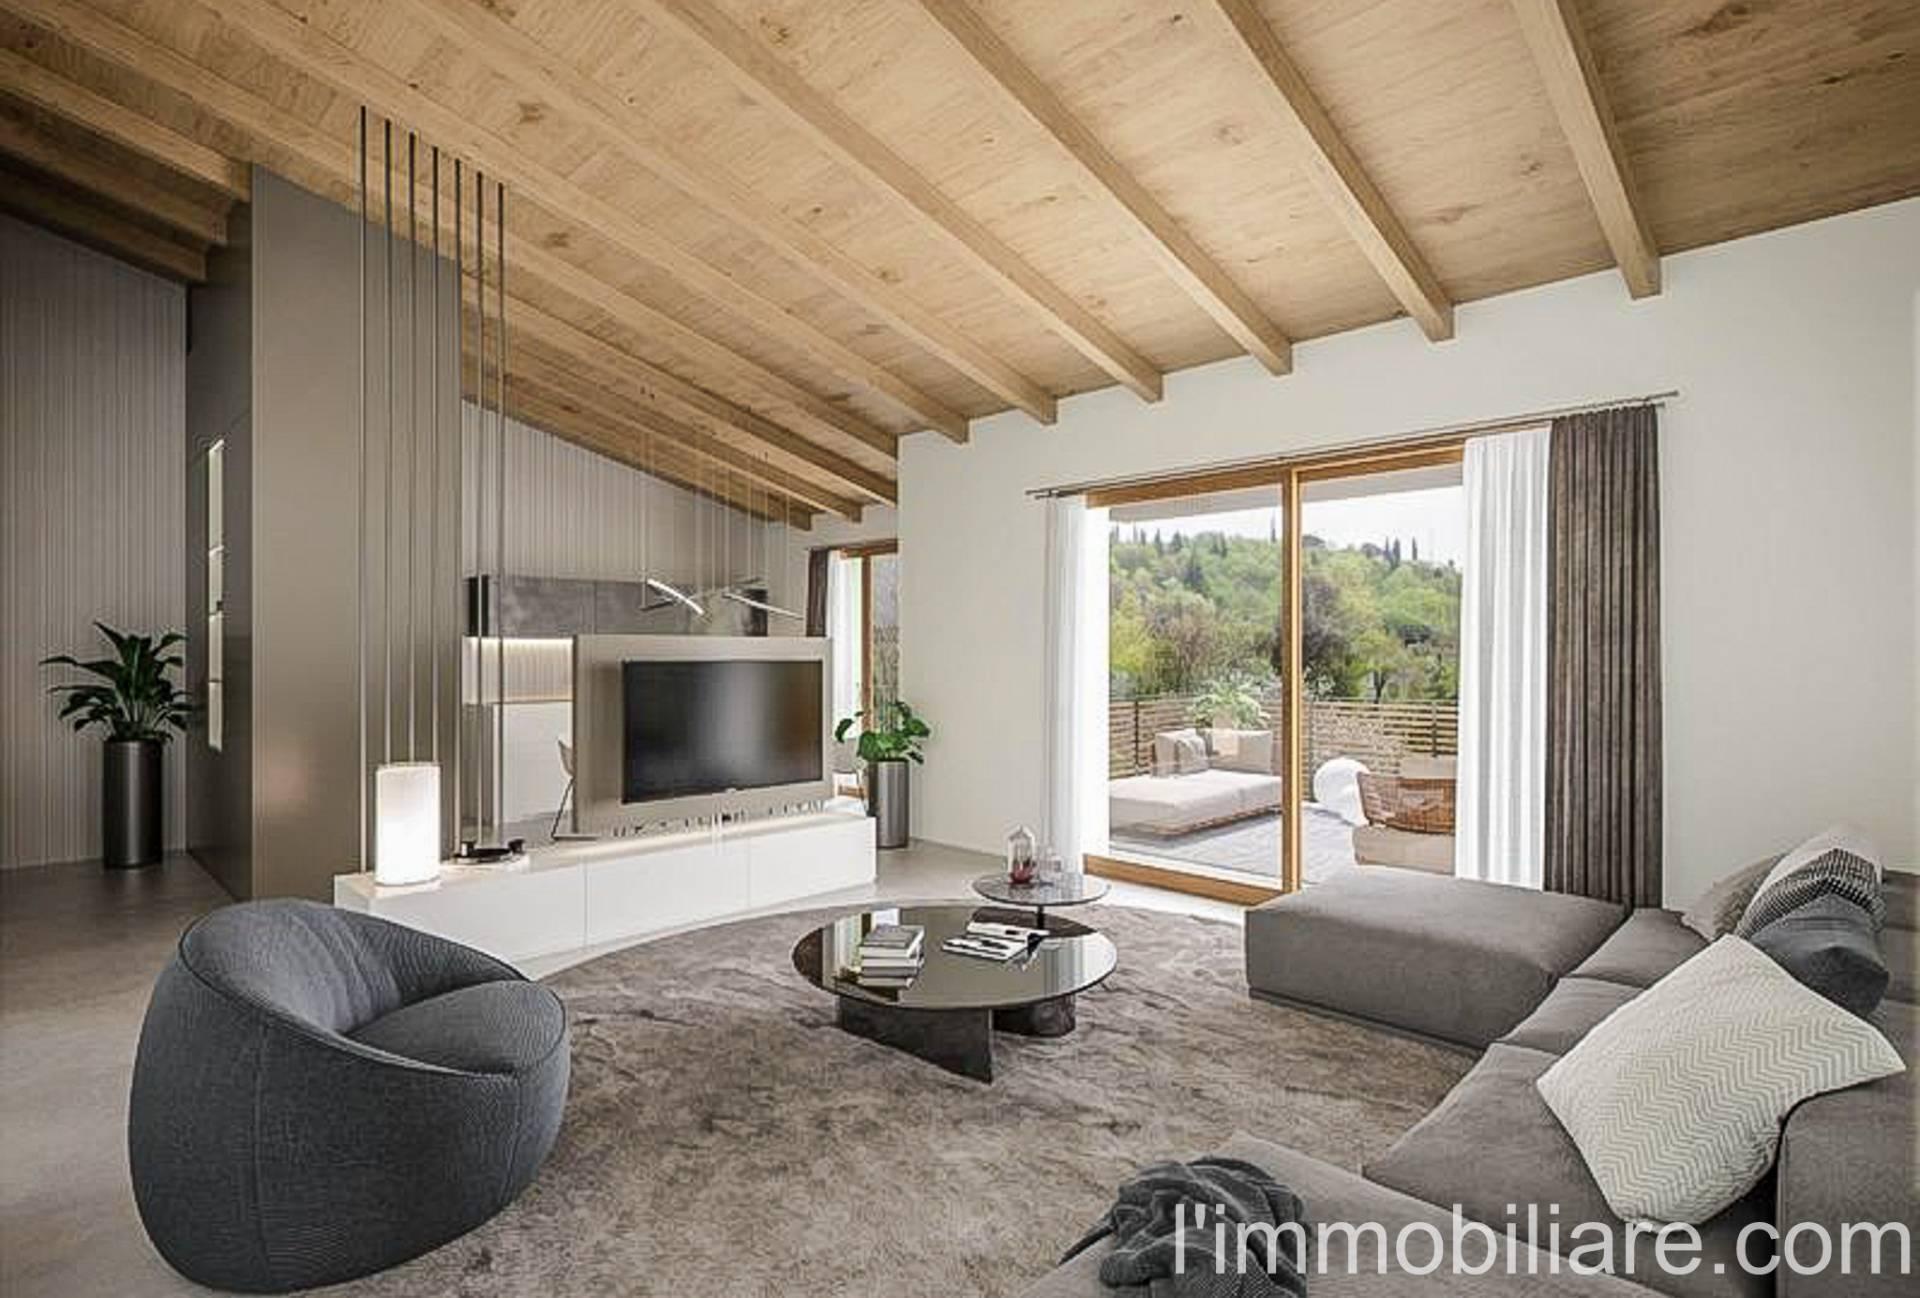 Appartamento in vendita a Verona, 5 locali, zona Quinzano - Pindemonte - Ponte Crencano - Valdonega - Avesa, prezzo € 474.000 | PortaleAgenzieImmobiliari.it